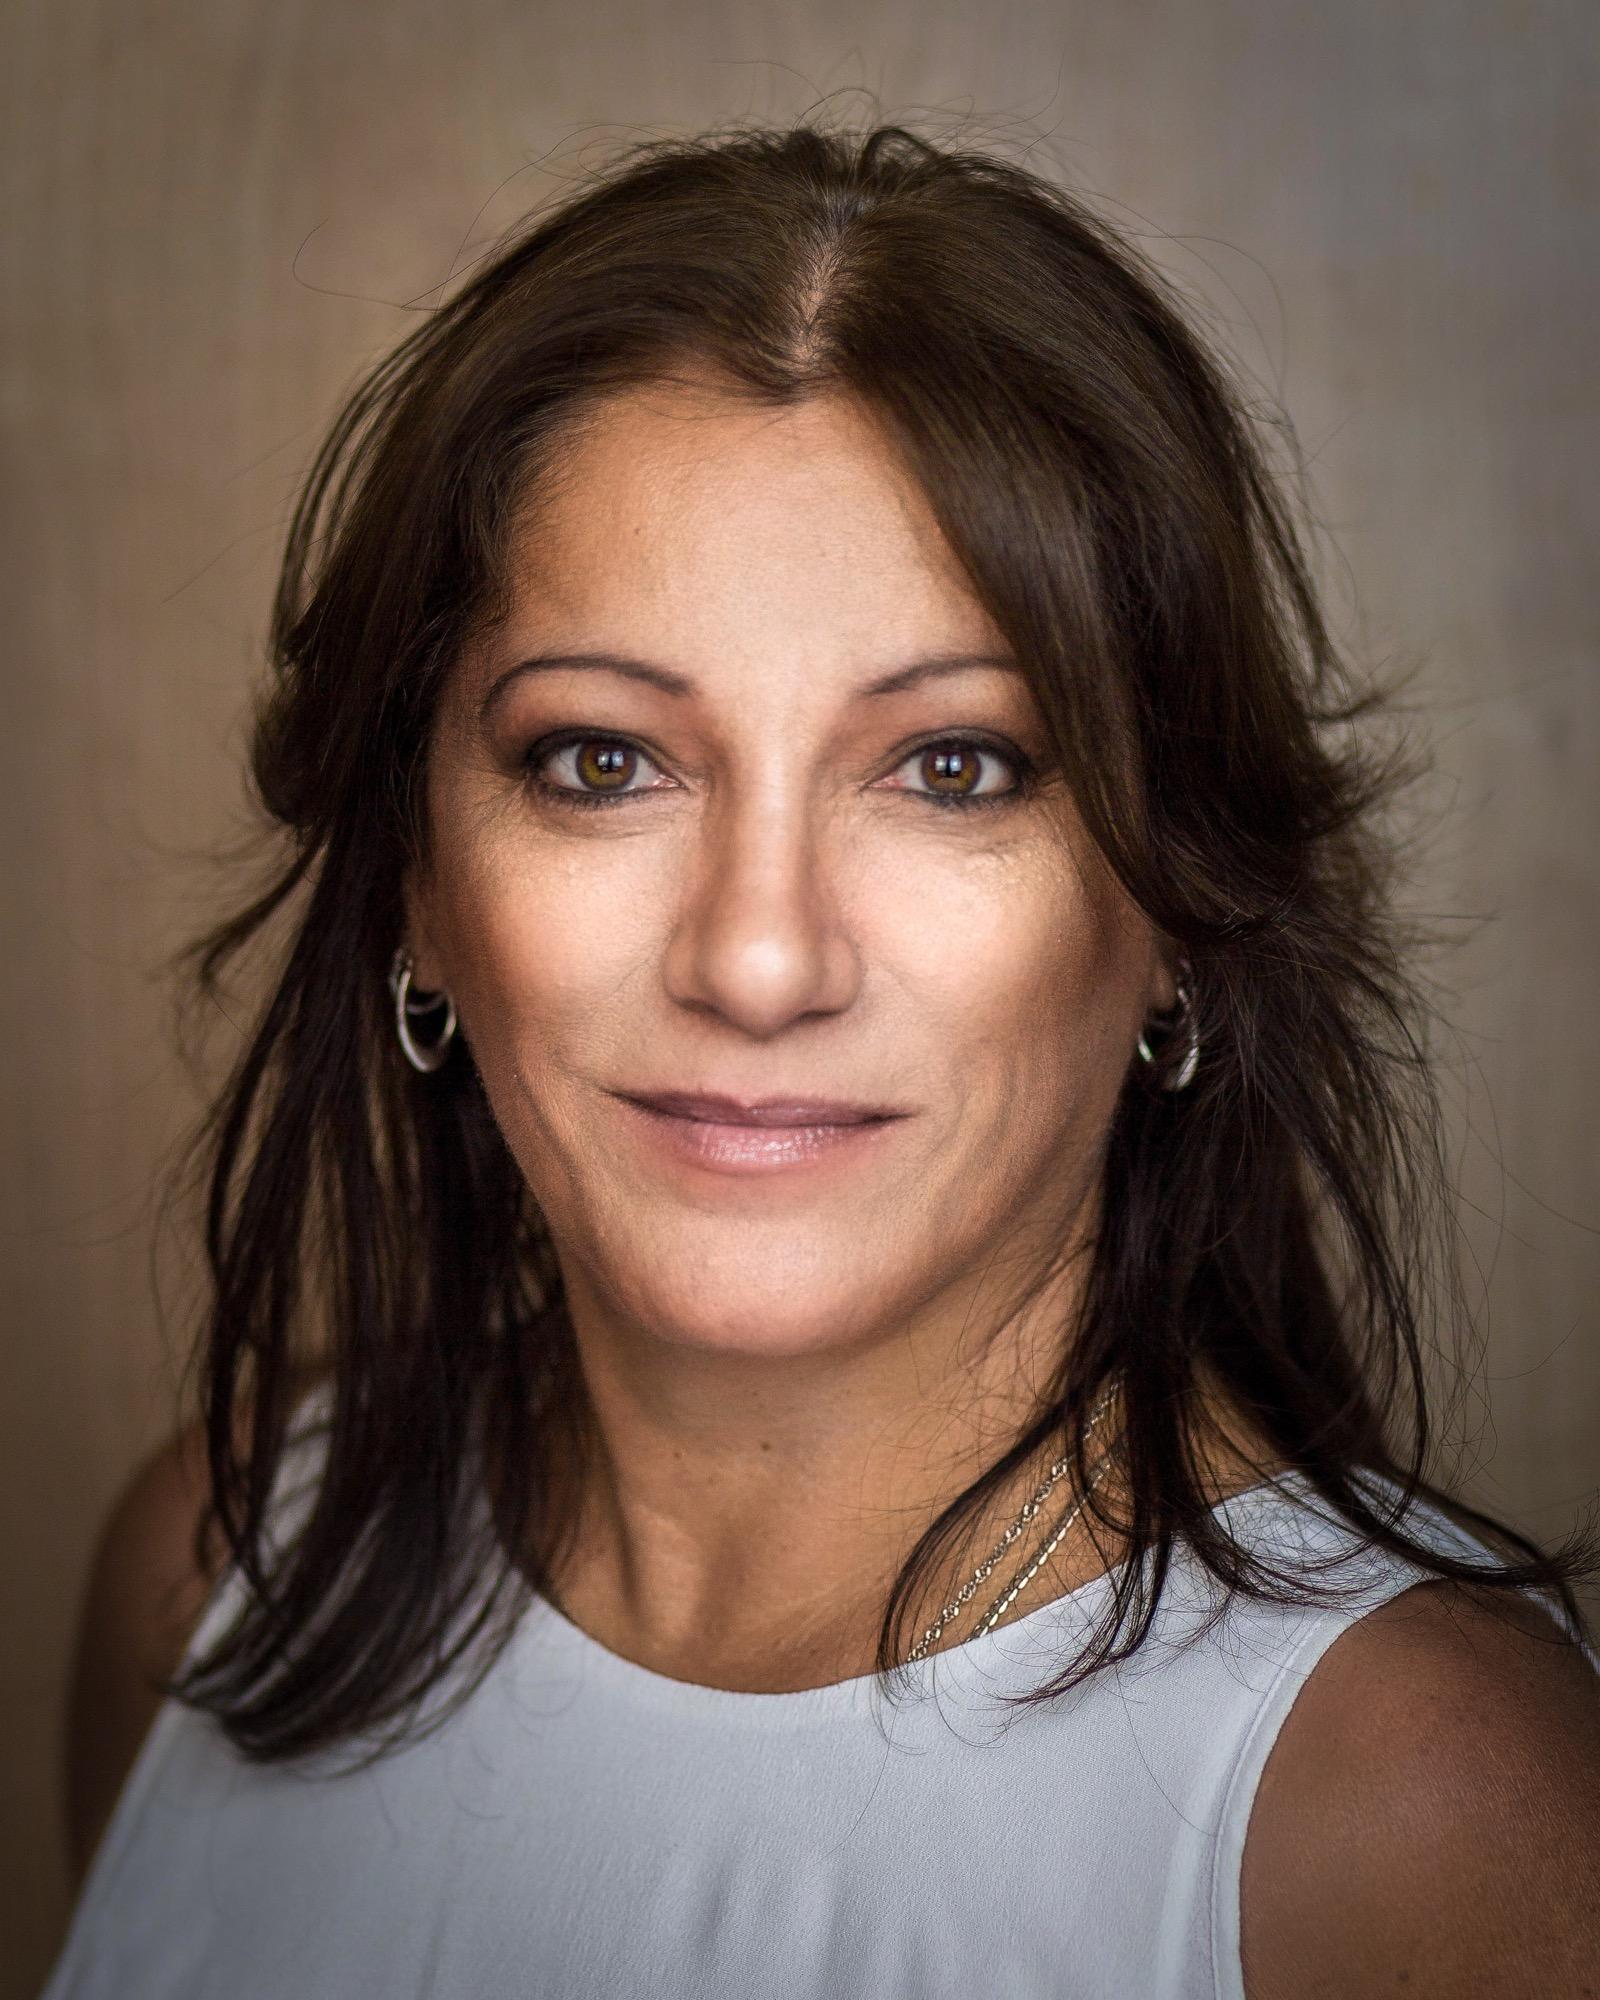 Tina Matthews